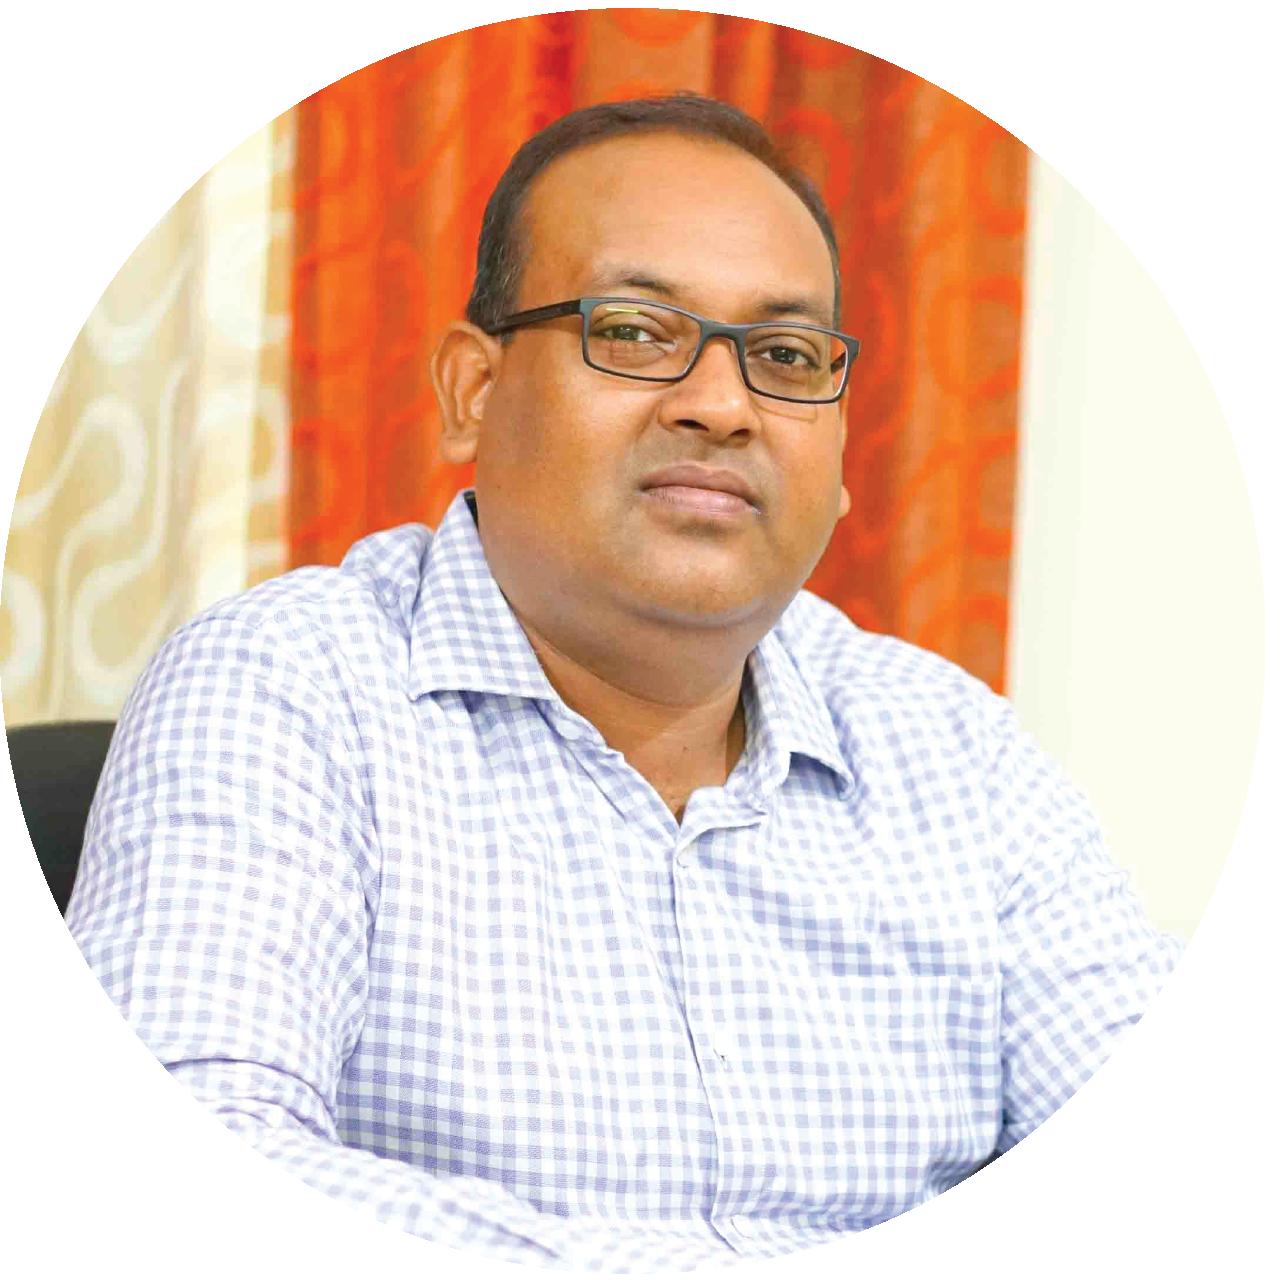 Mr. Deepak Kindo